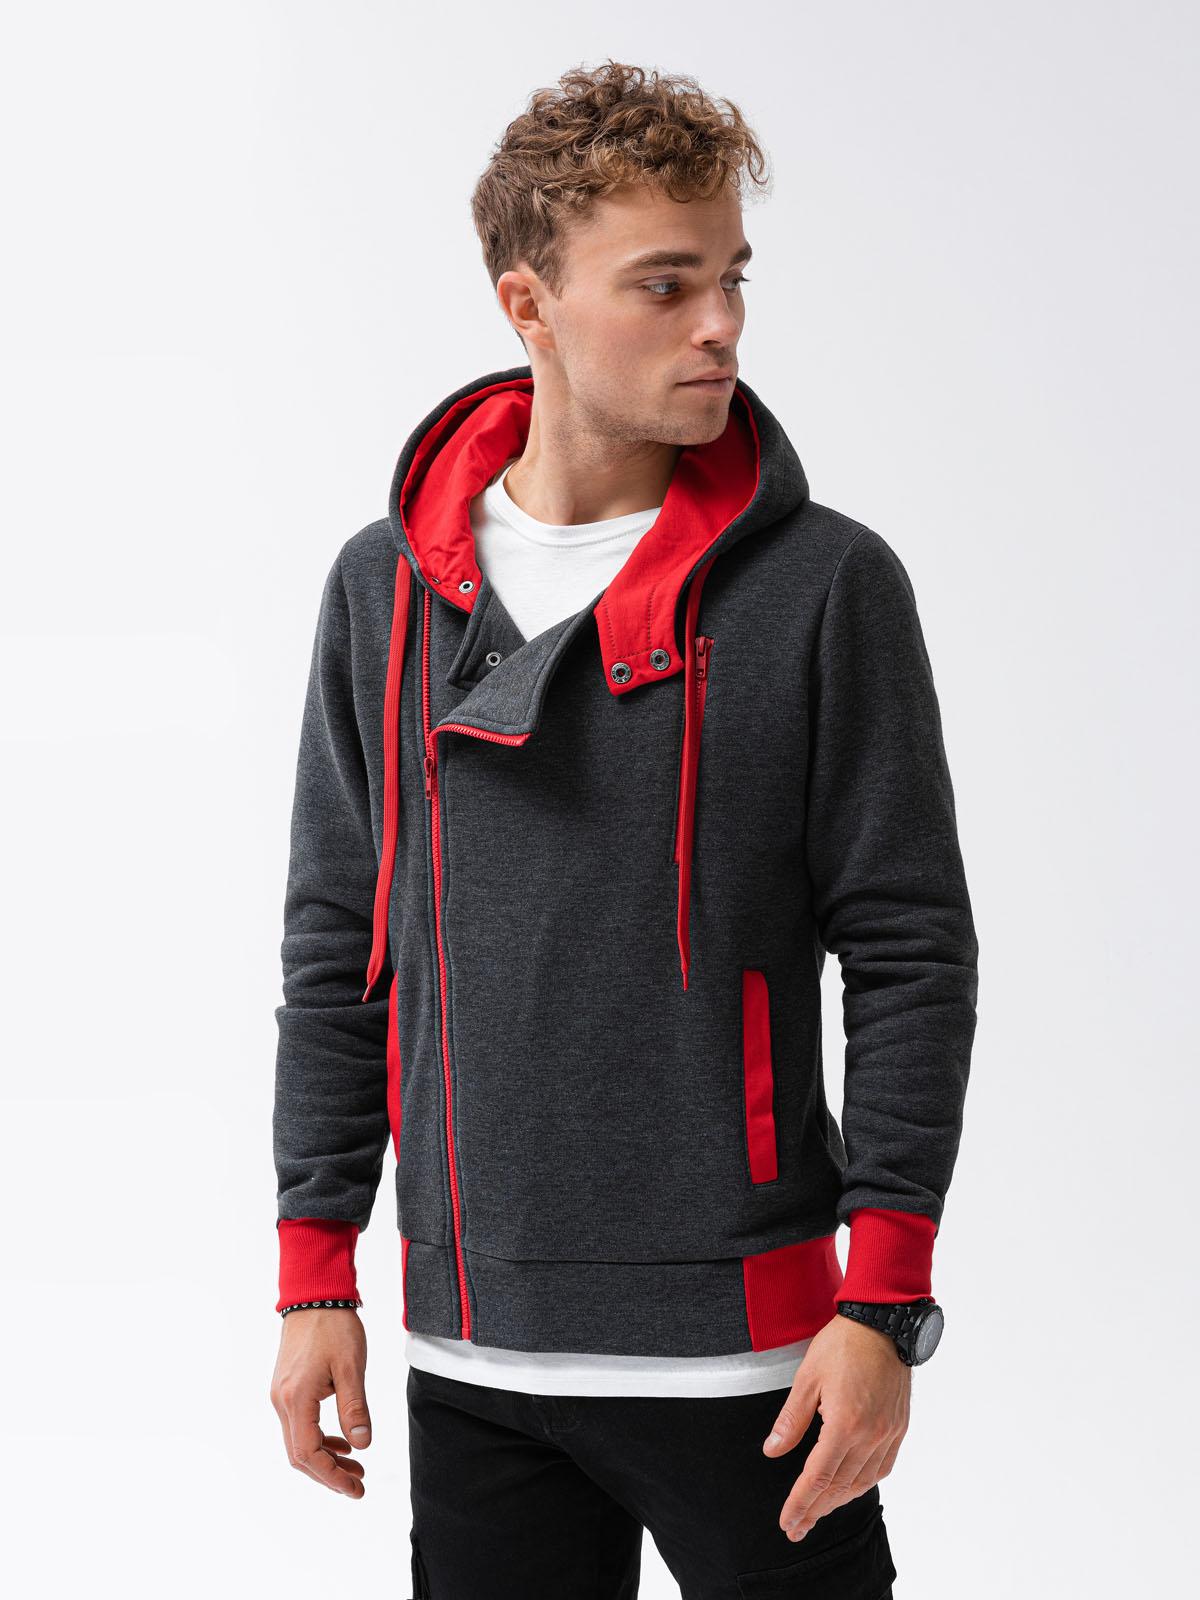 Купить Толстовка чоловіча на застібці з капюшоном B297 - темно-сіро-червона, Ombre Clothing